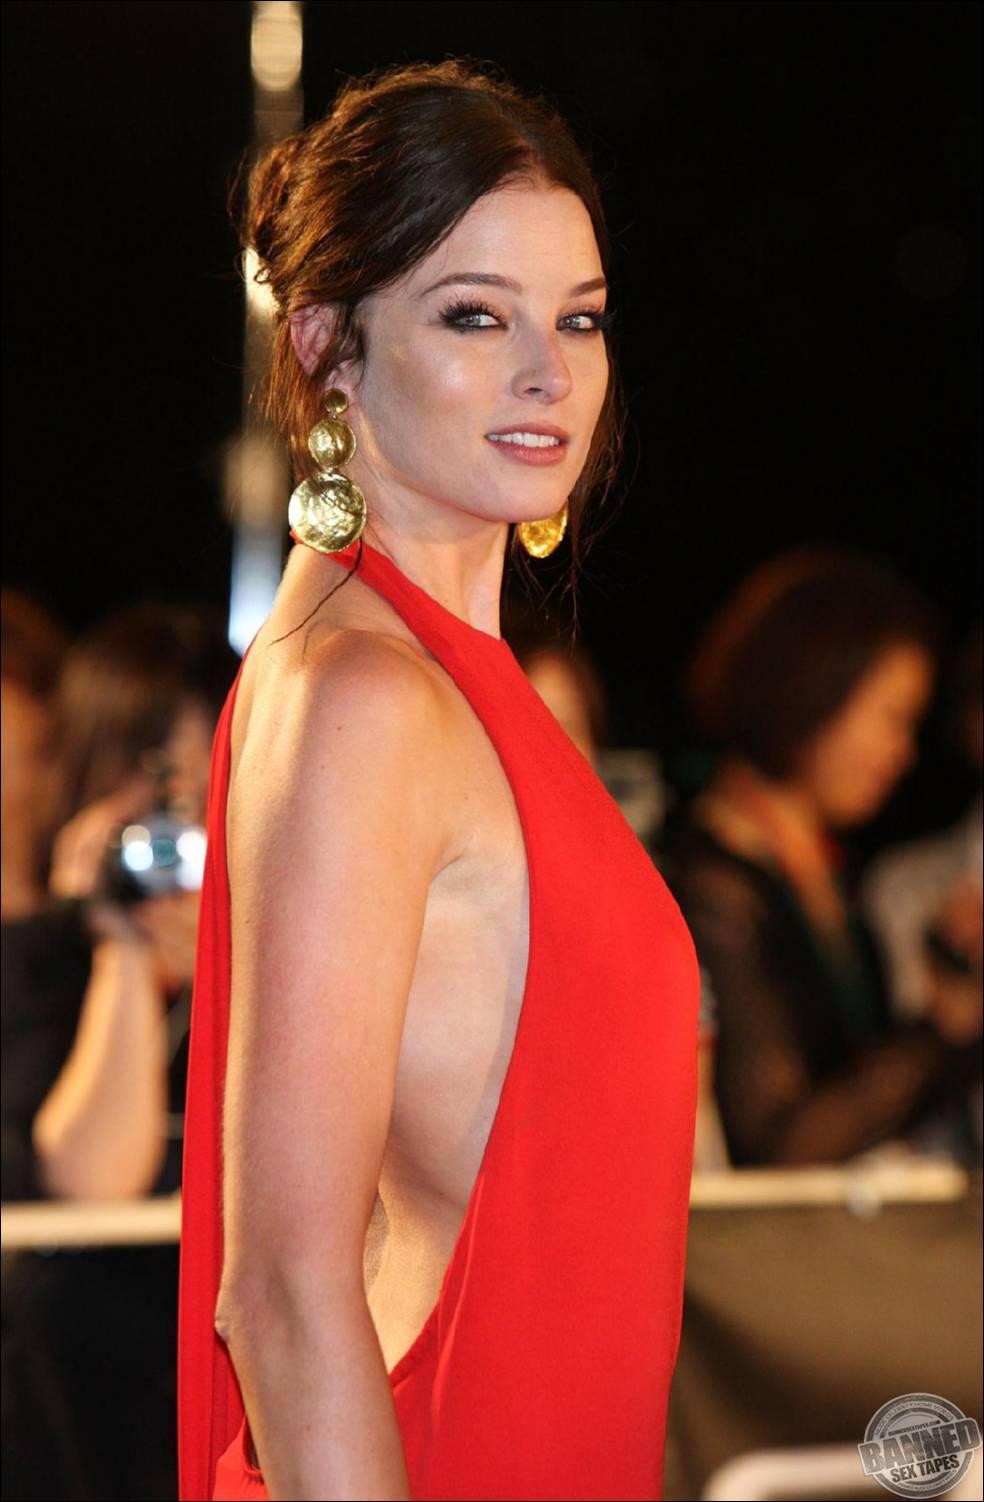 Rachel Nichols GI Joe Actress